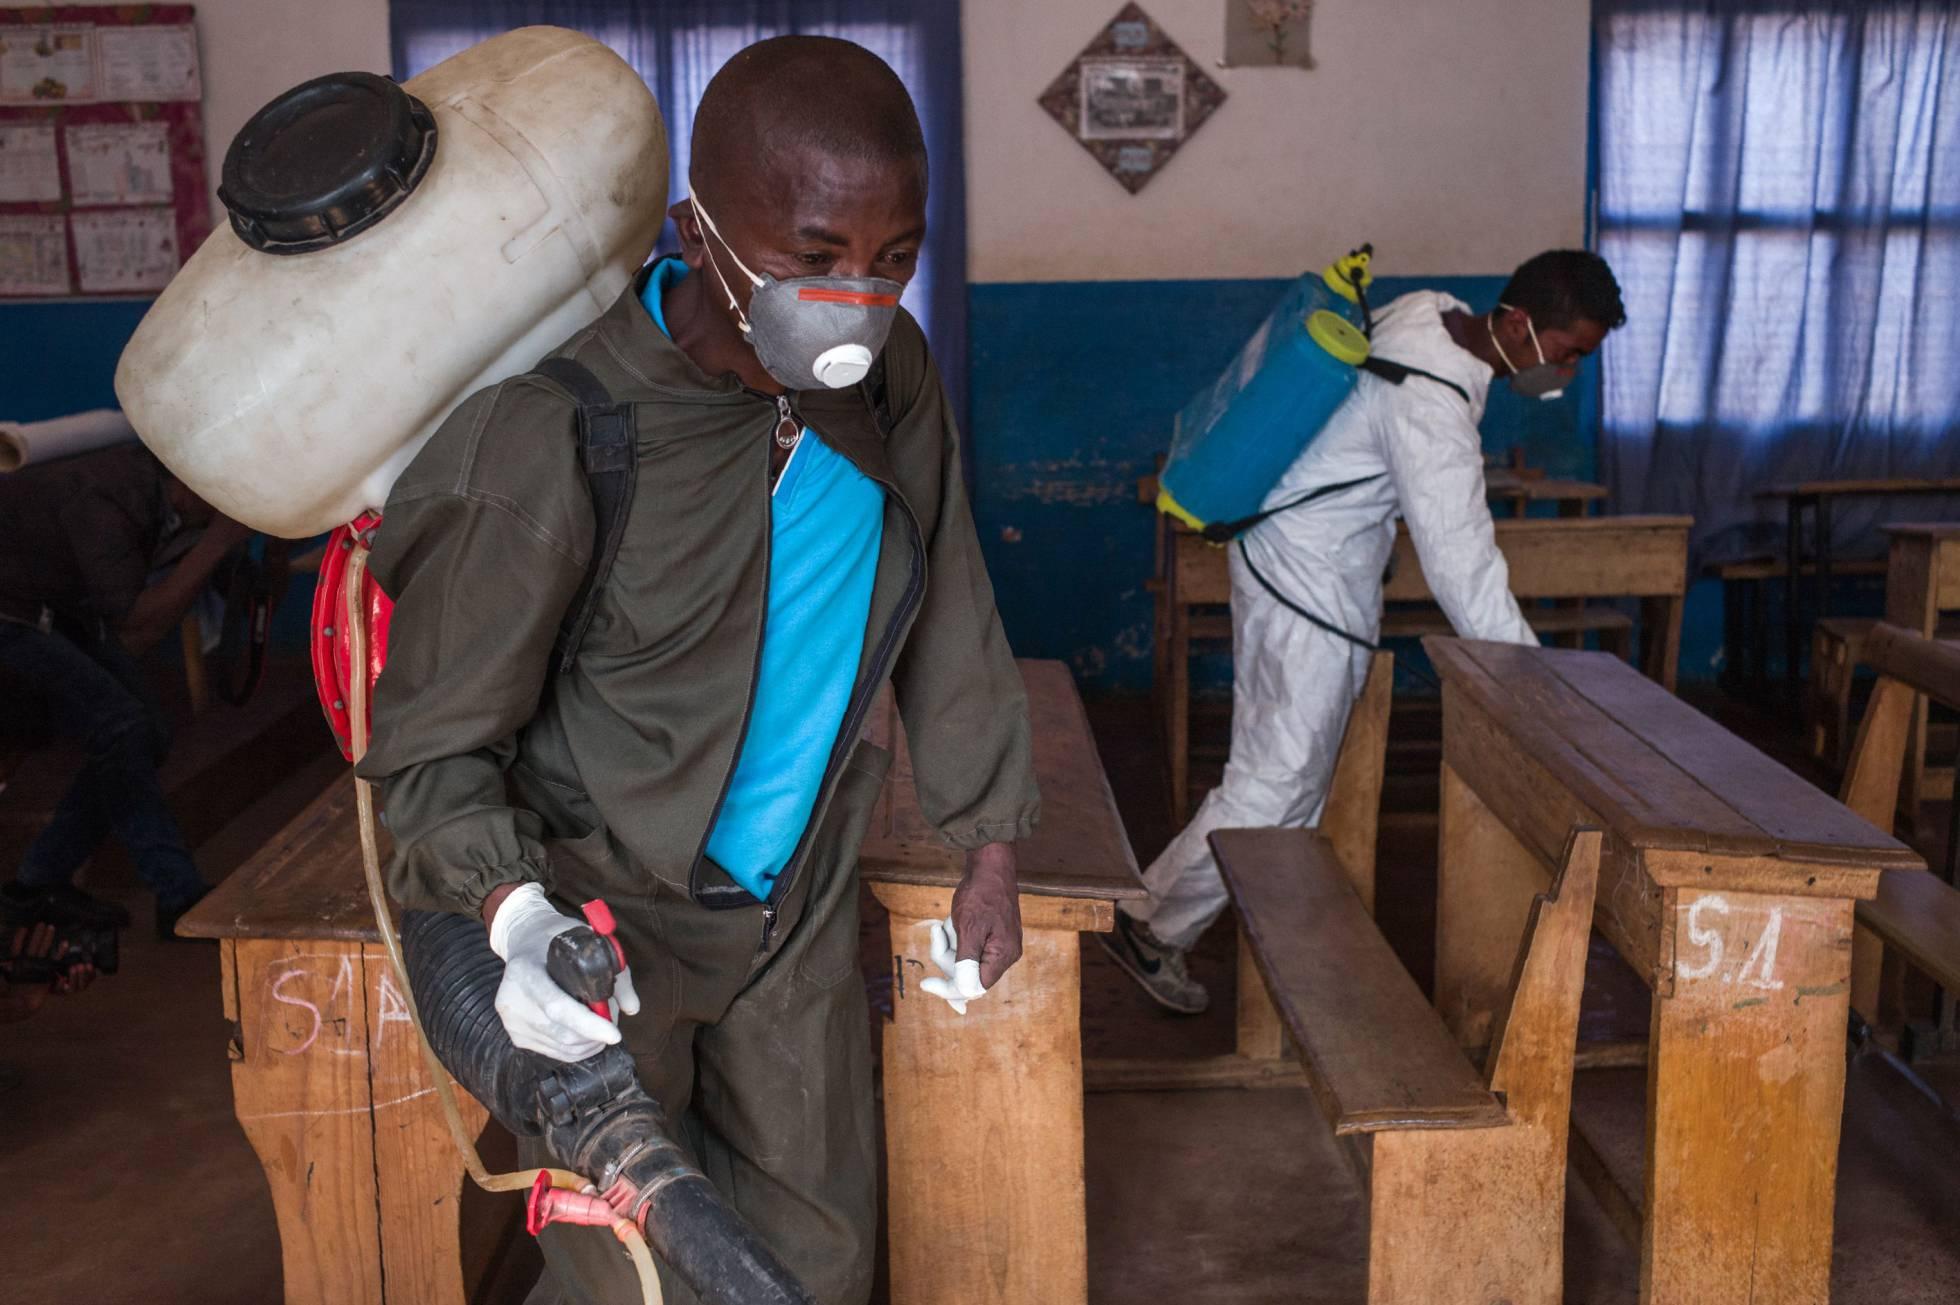 La peste mata a 124 personas en Madagascar desde agosto